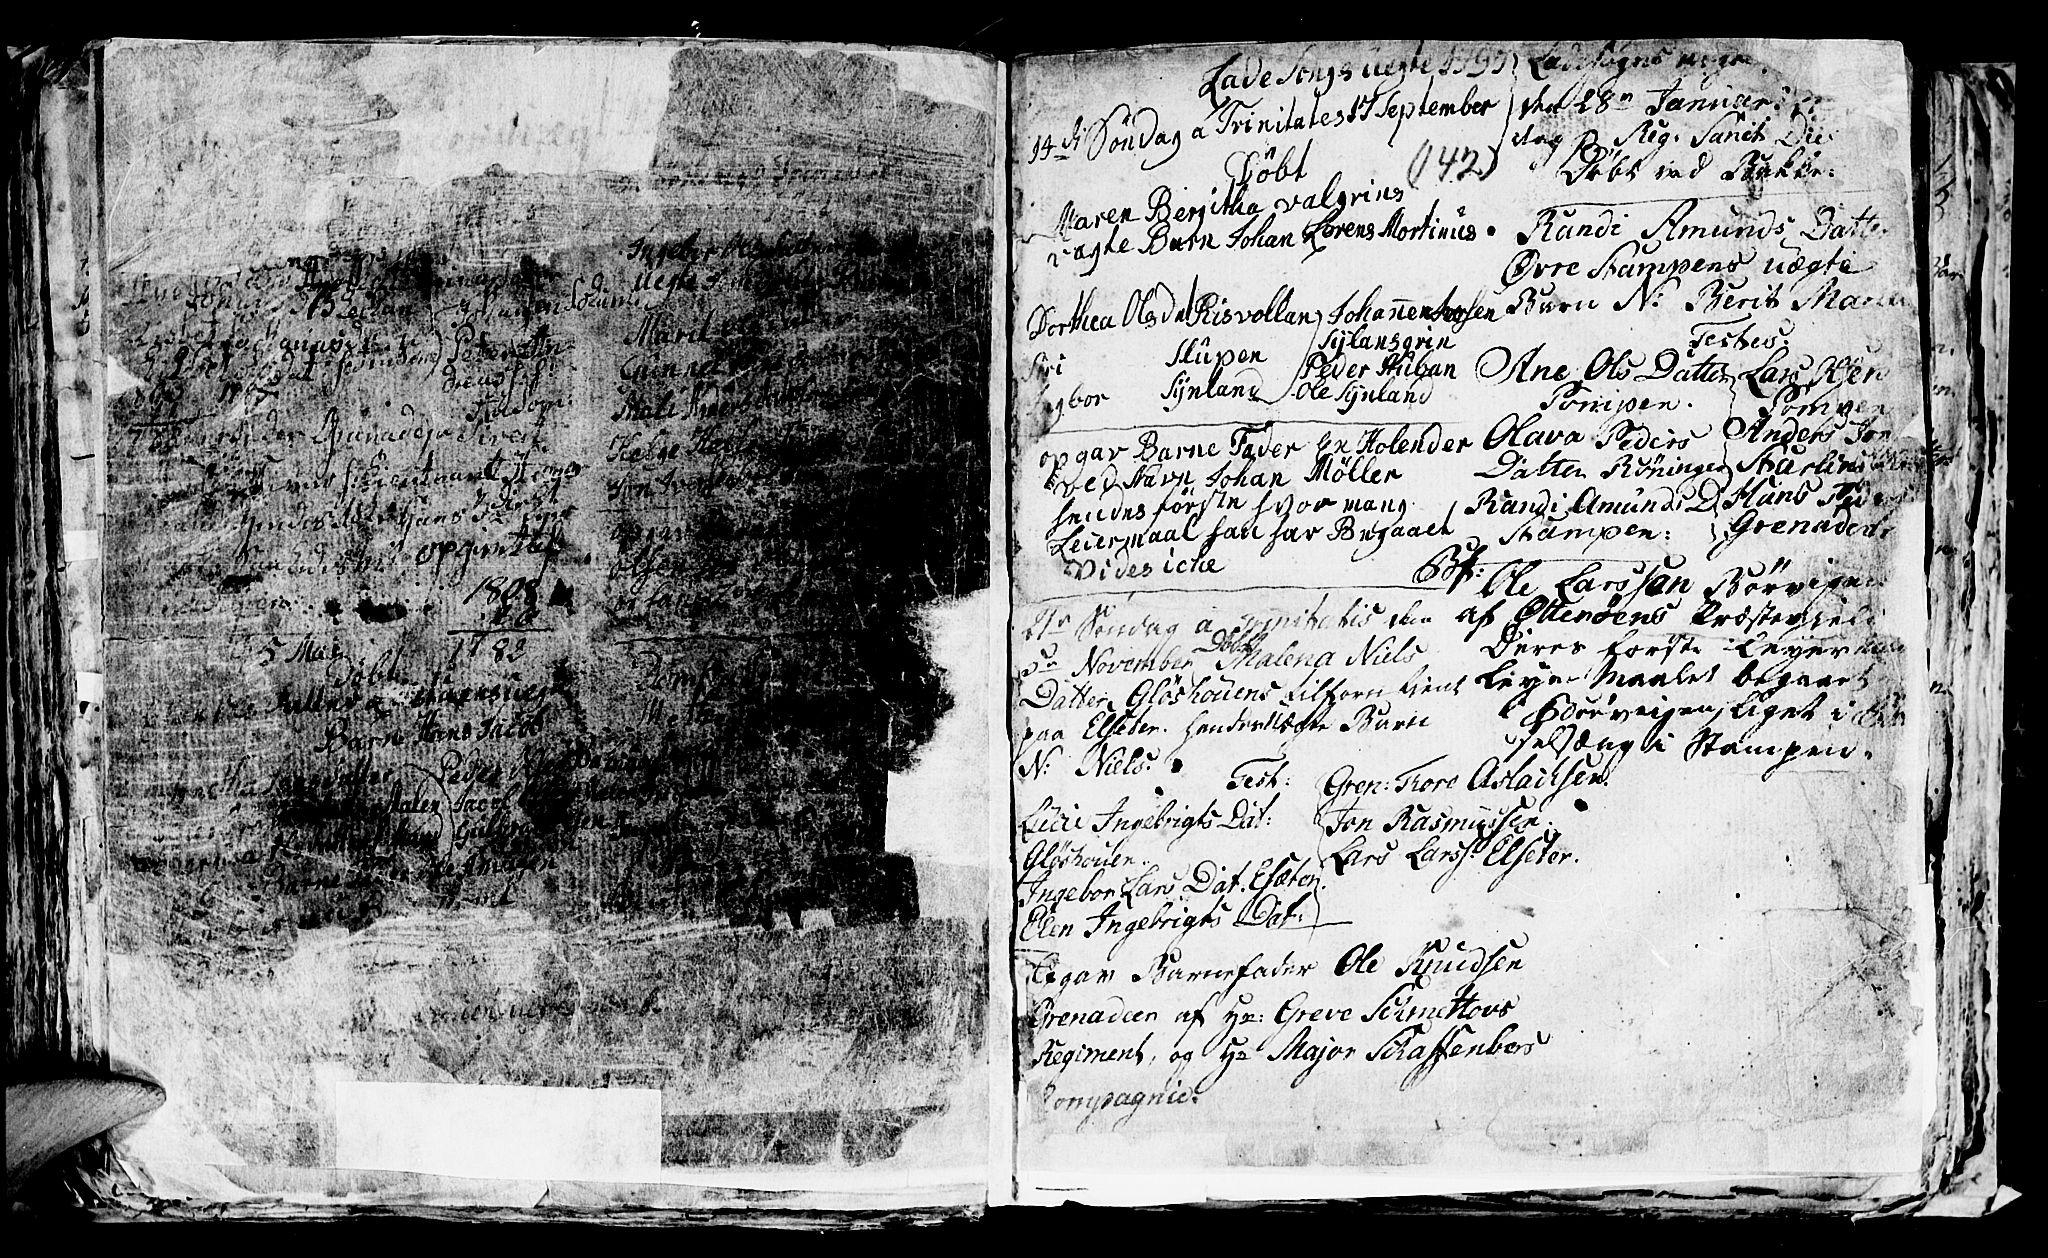 SAT, Ministerialprotokoller, klokkerbøker og fødselsregistre - Sør-Trøndelag, 606/L0305: Klokkerbok nr. 606C01, 1757-1819, s. 142